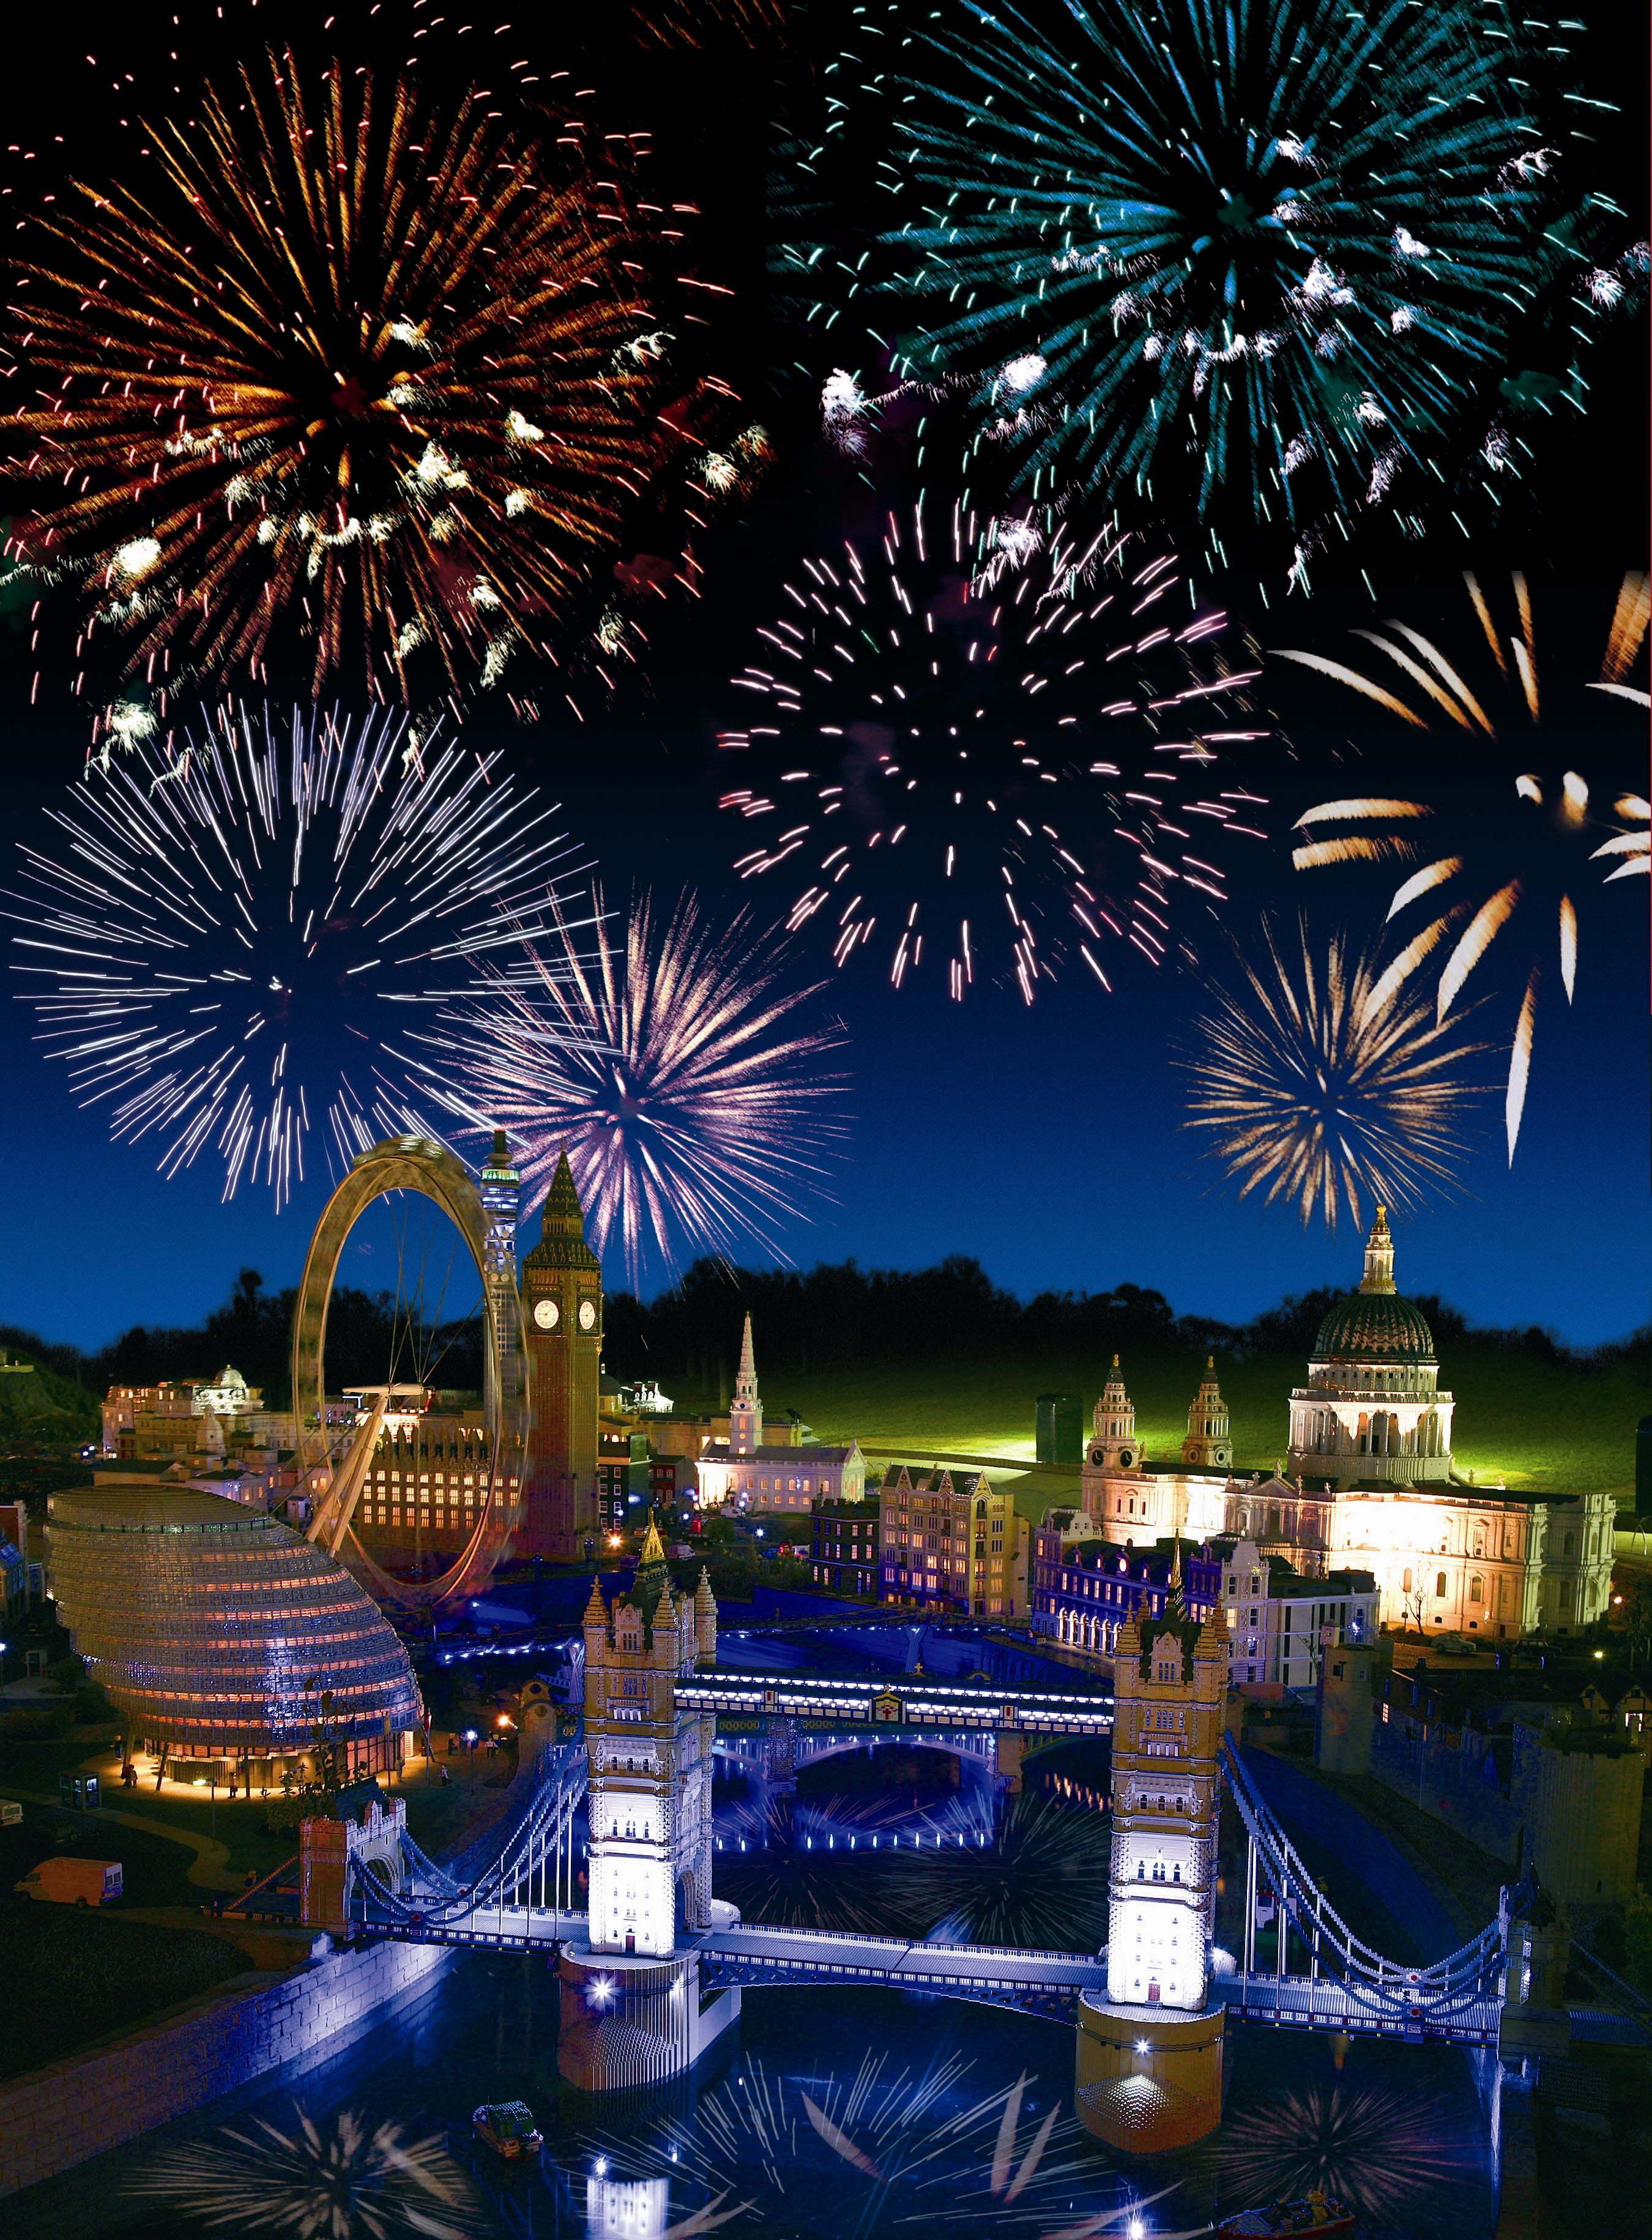 Brick or Treat Fireworks over MiniLand at LEGOLAND Wndsor Resort!